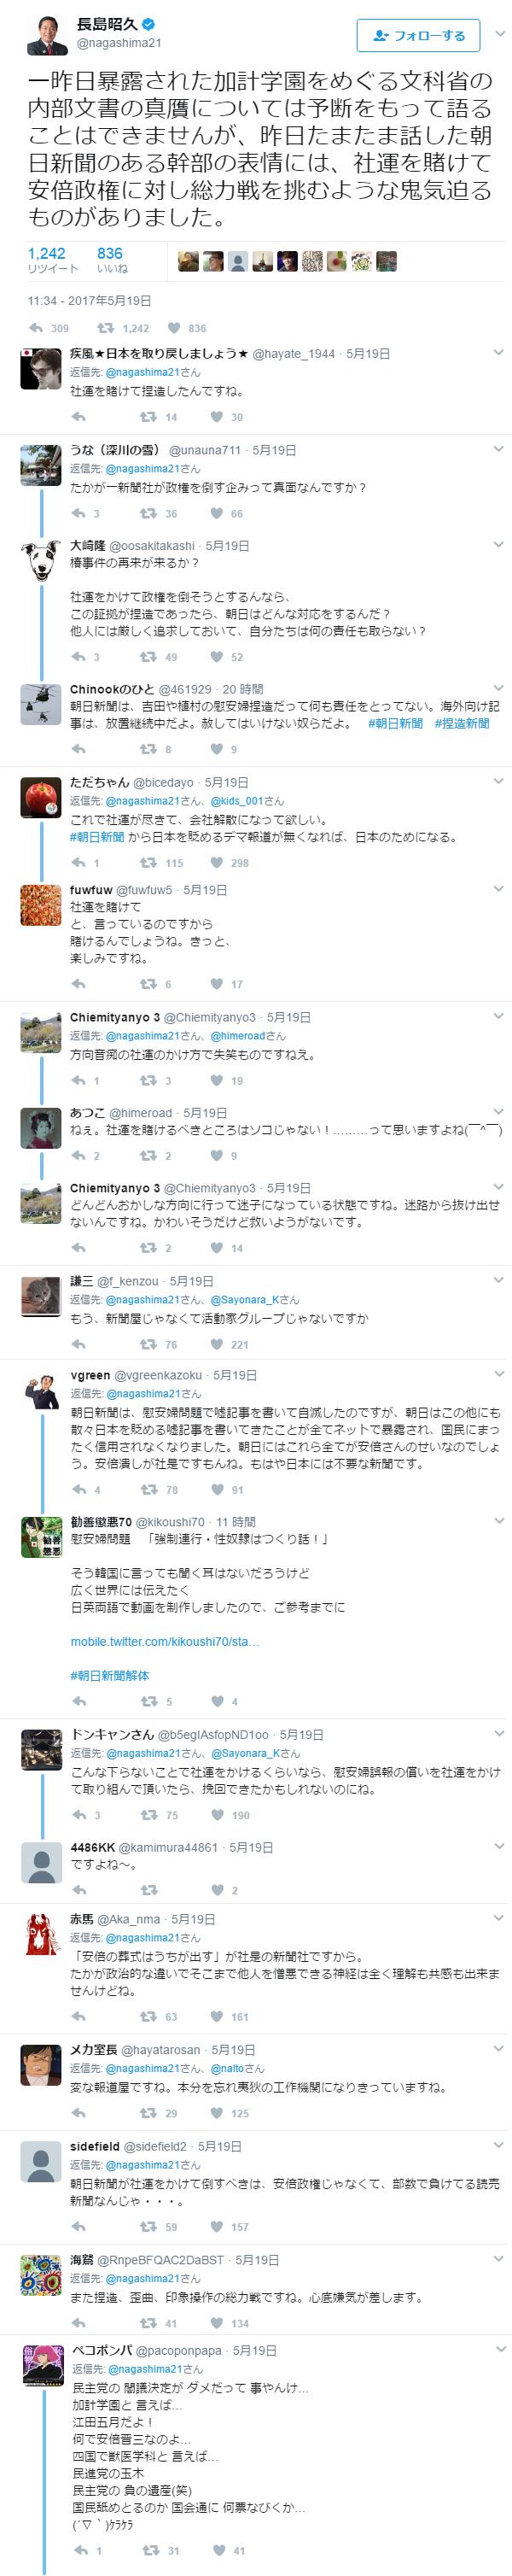 ミン死党長島昭久「チョウニチ新聞が社運をかけて倒閣運動する」